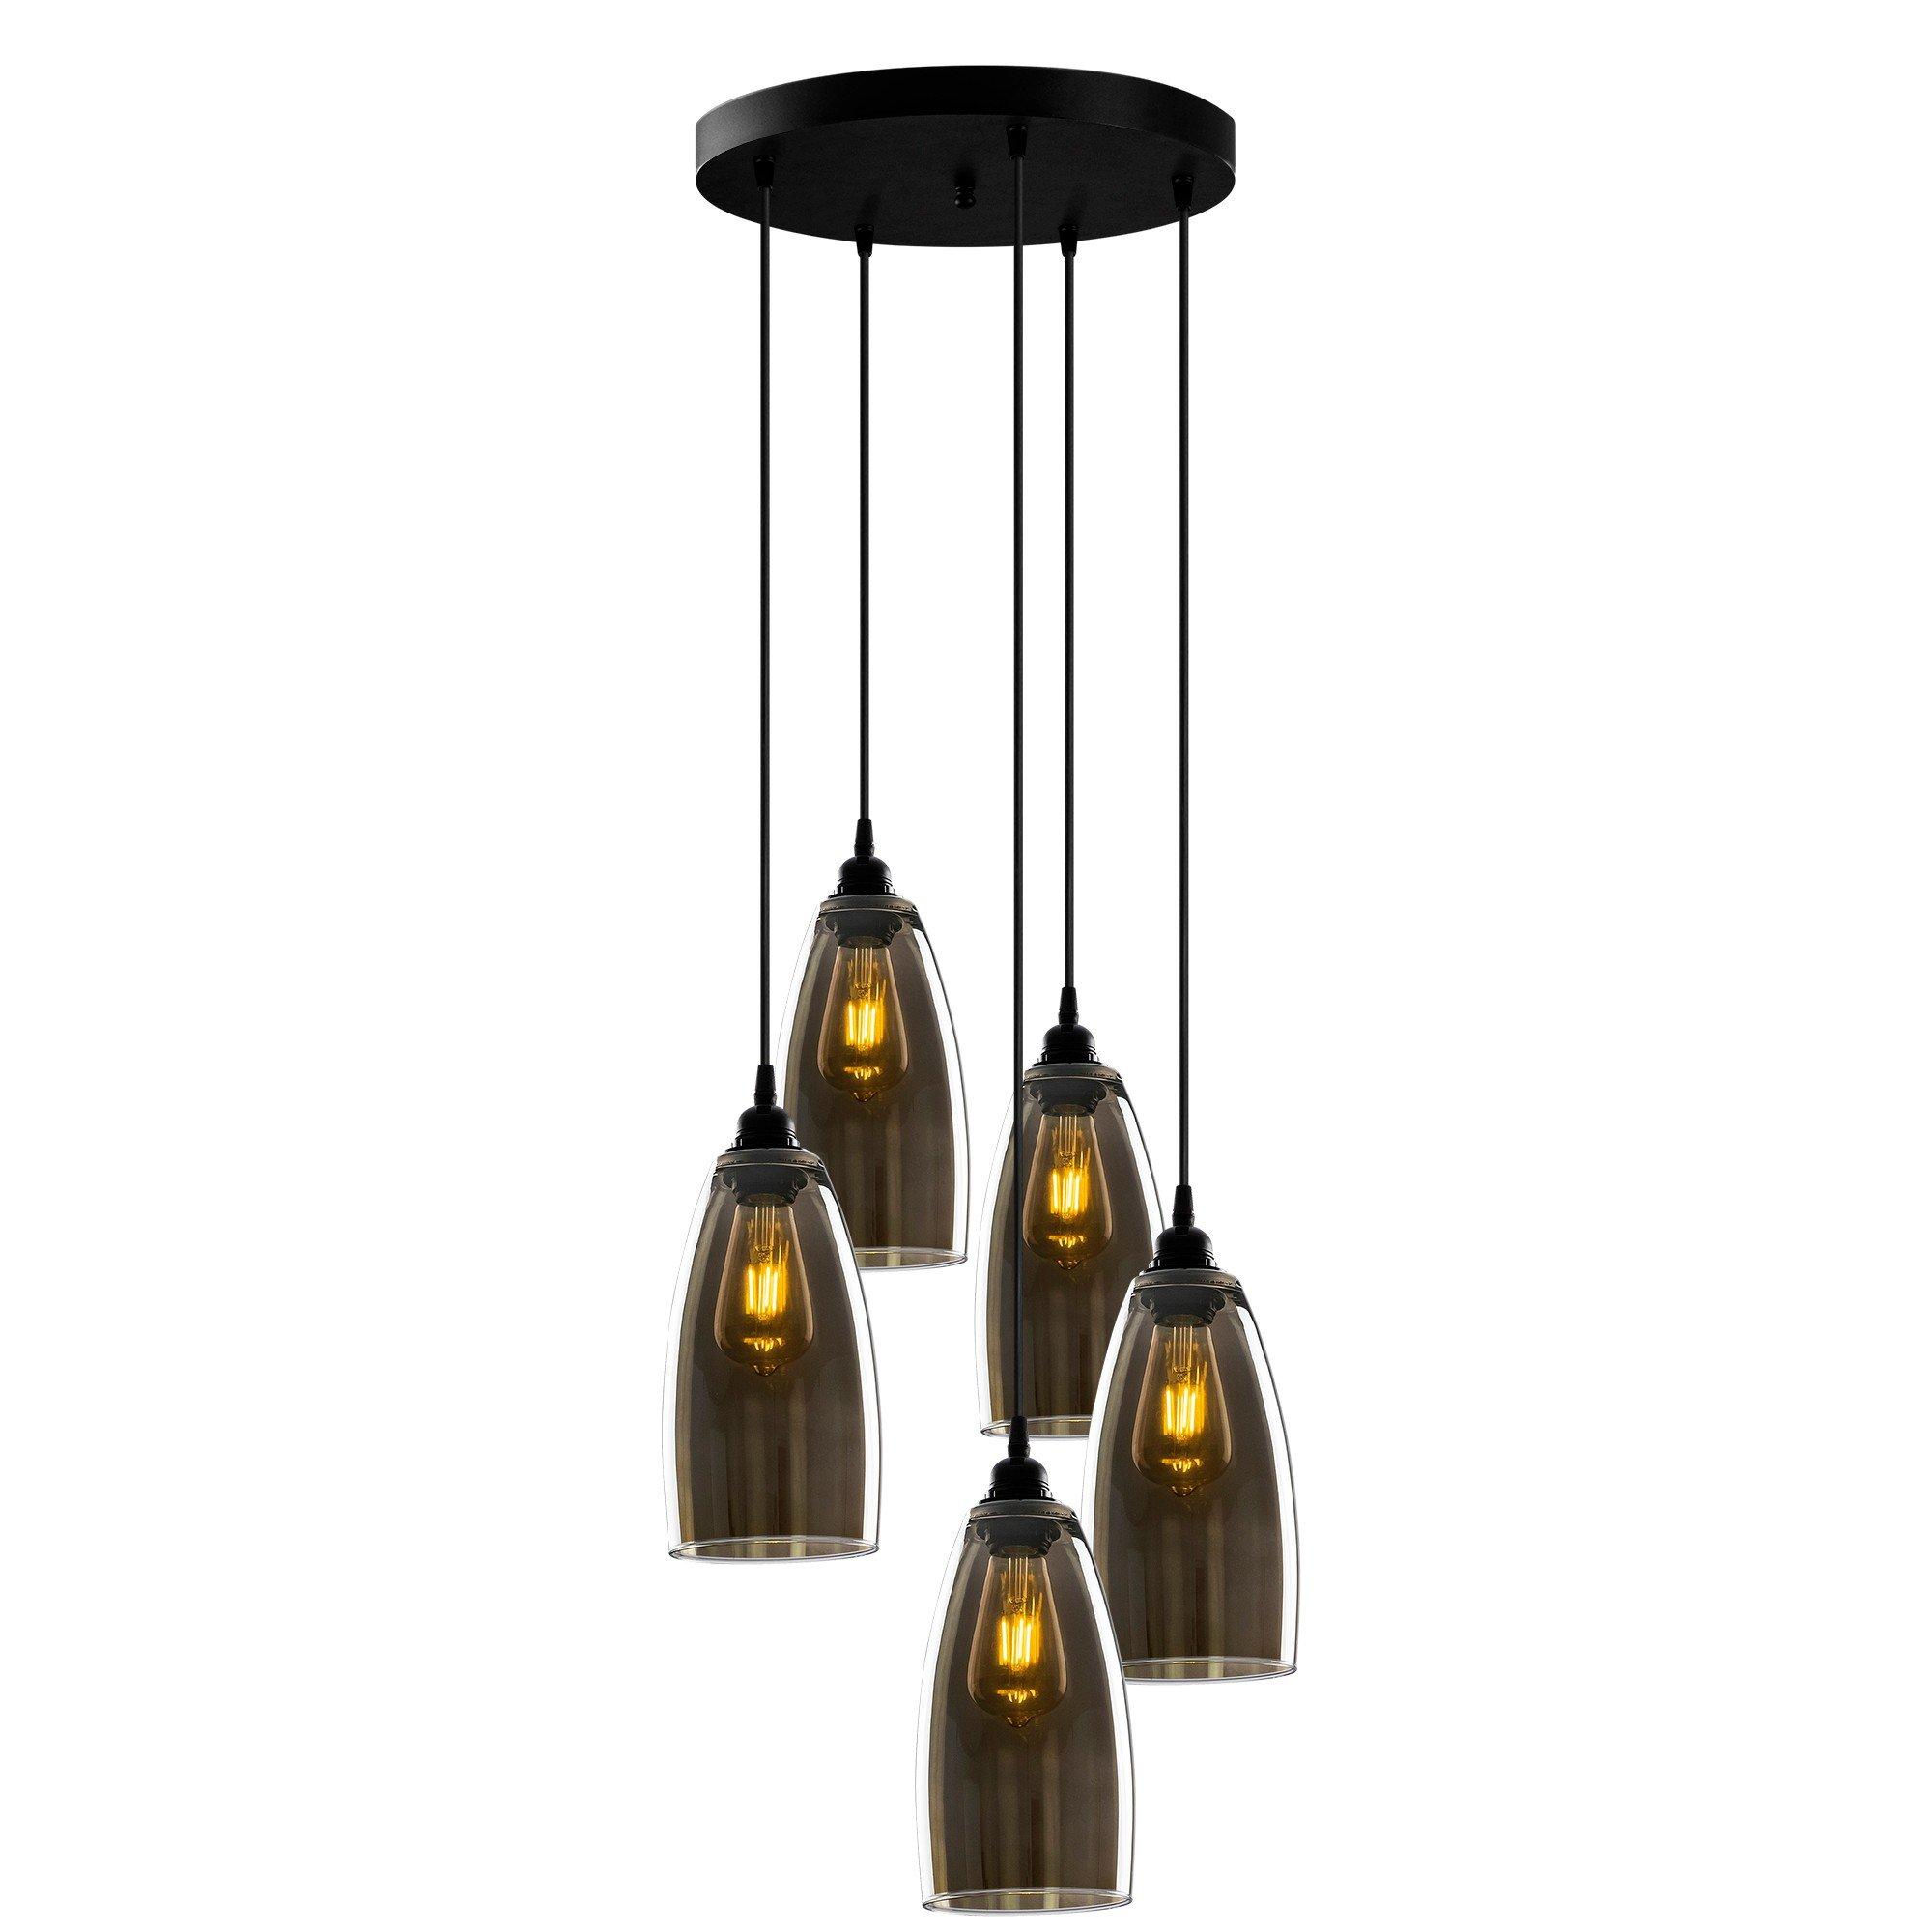 Hanglamp smoked glass donker langwerpig 5 keer een E27 fitting - vooraanzicht lampen aan